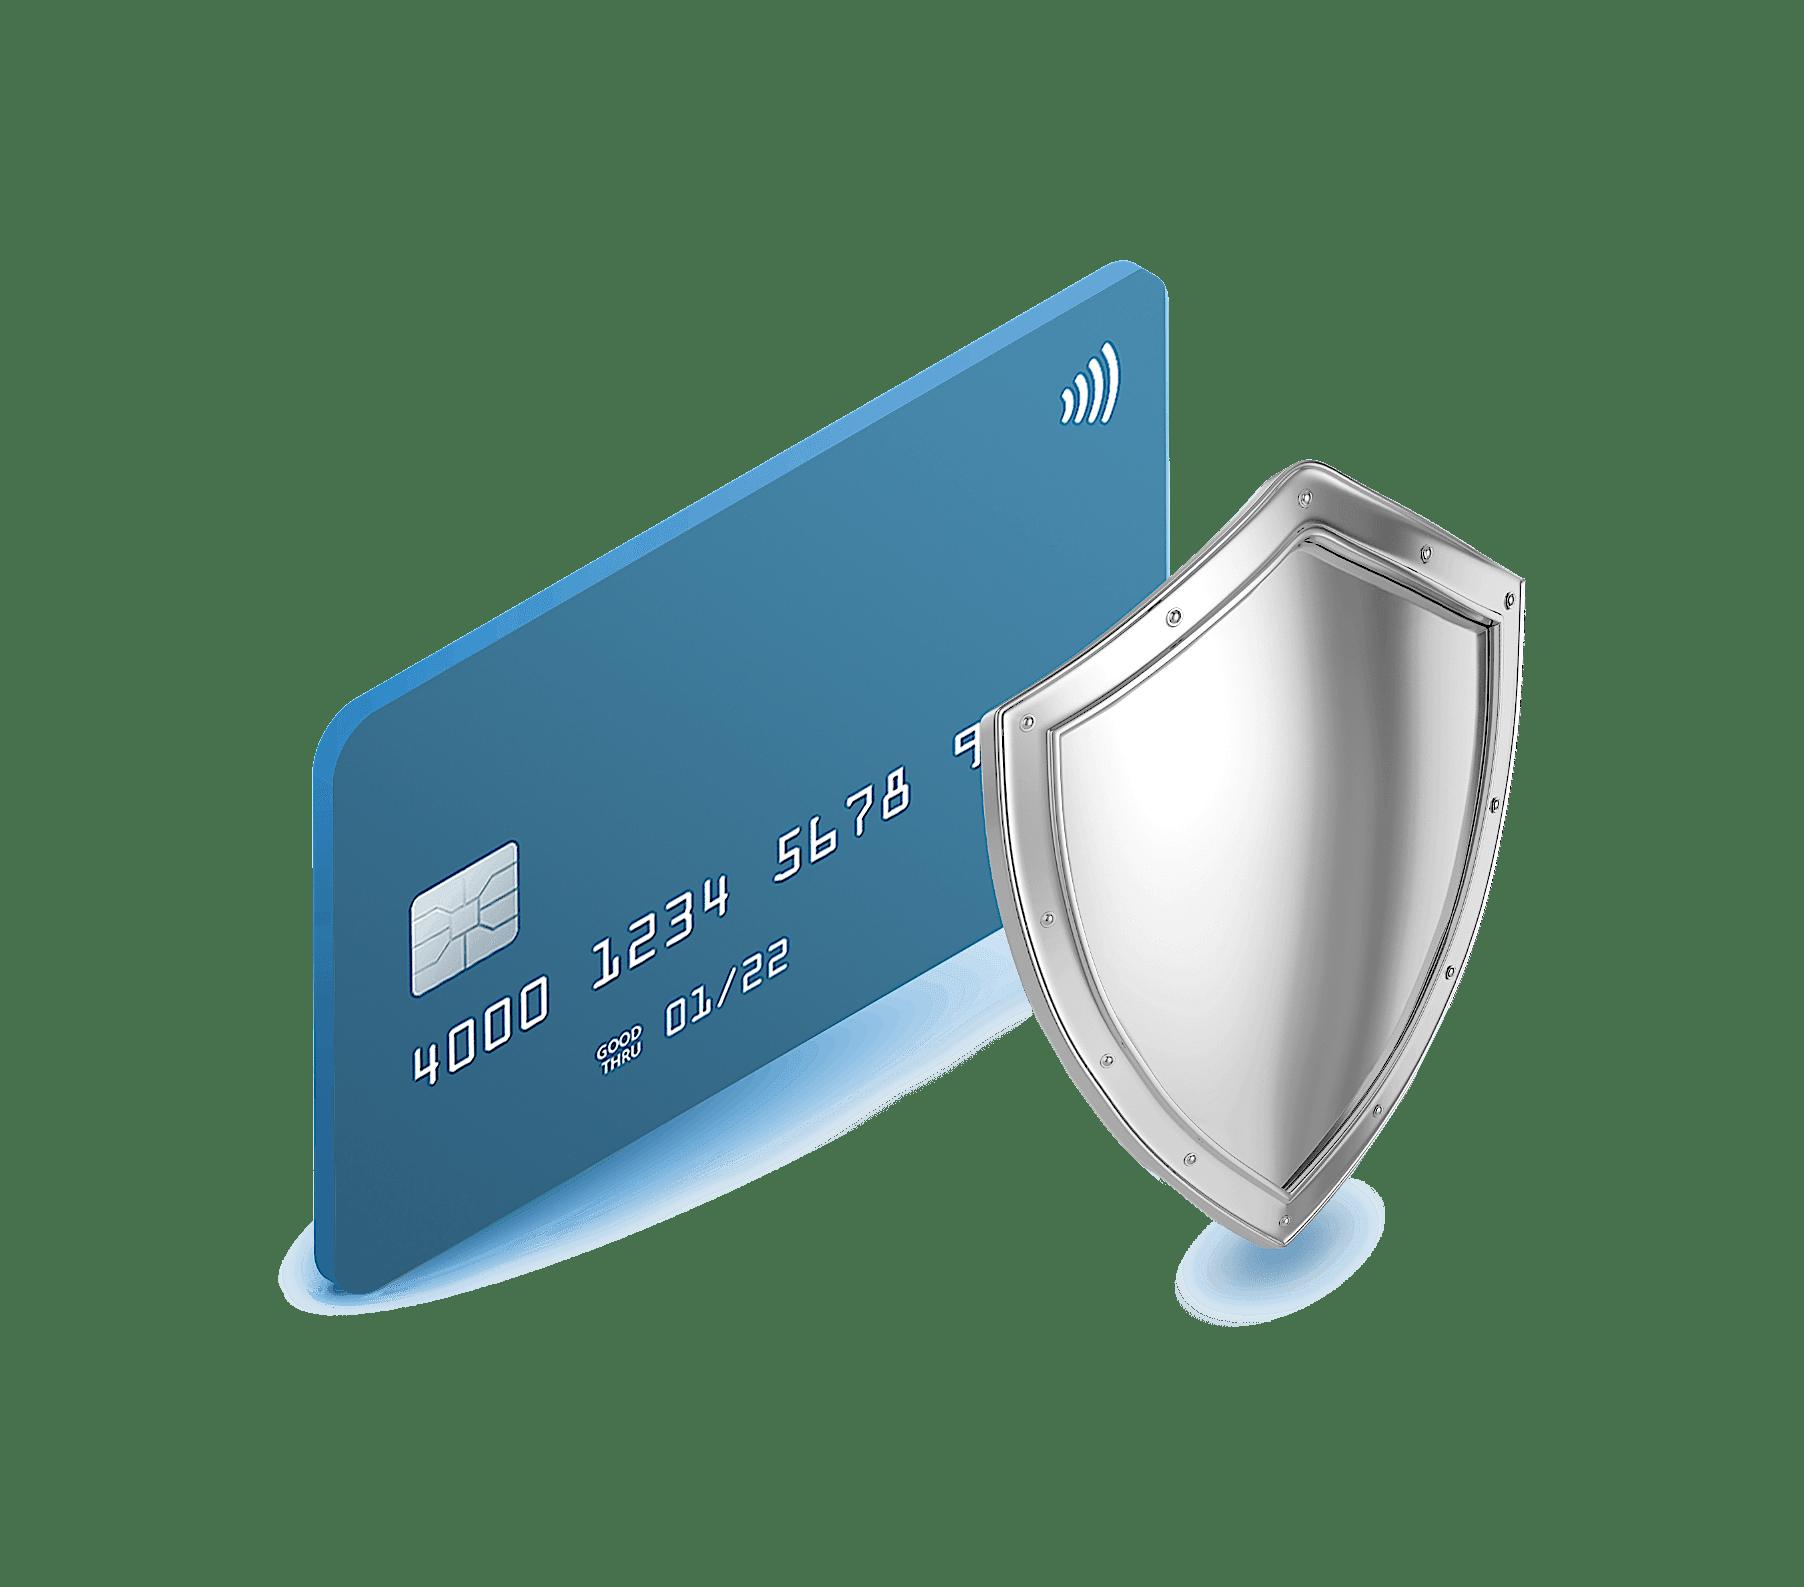 Kreditkarte und Siegel